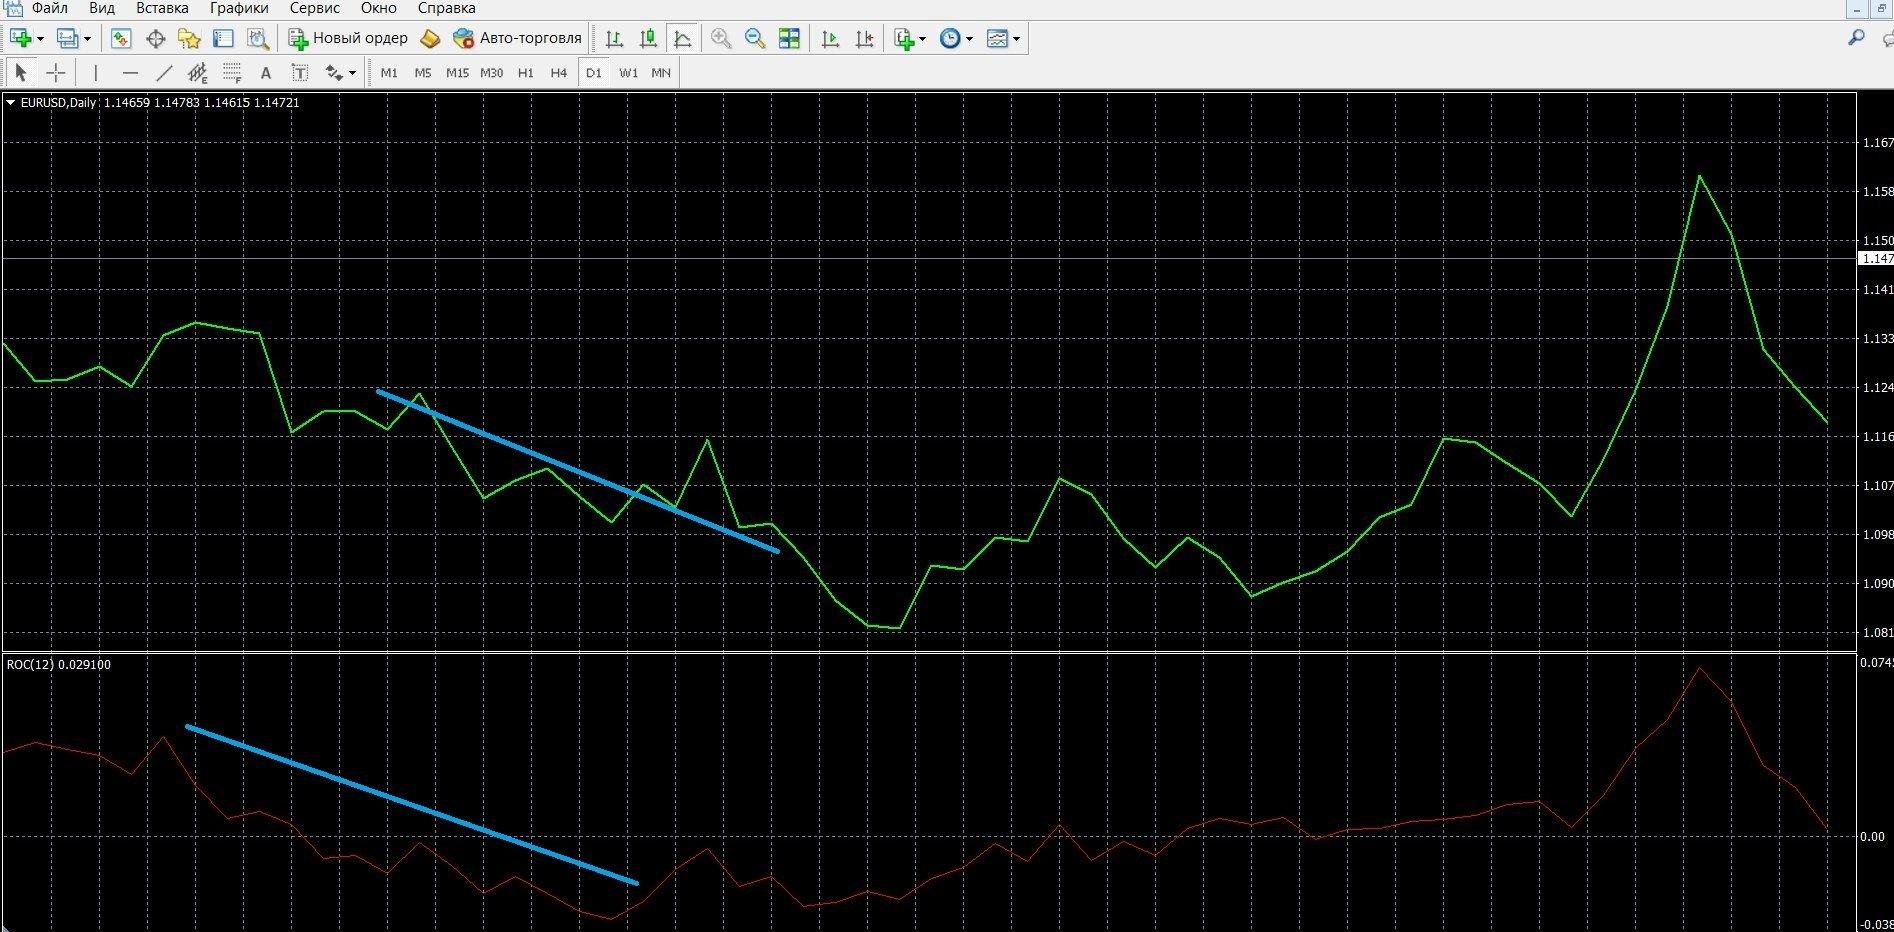 На изображении можно увидеть нисходящую тенденцию на графике МТ4